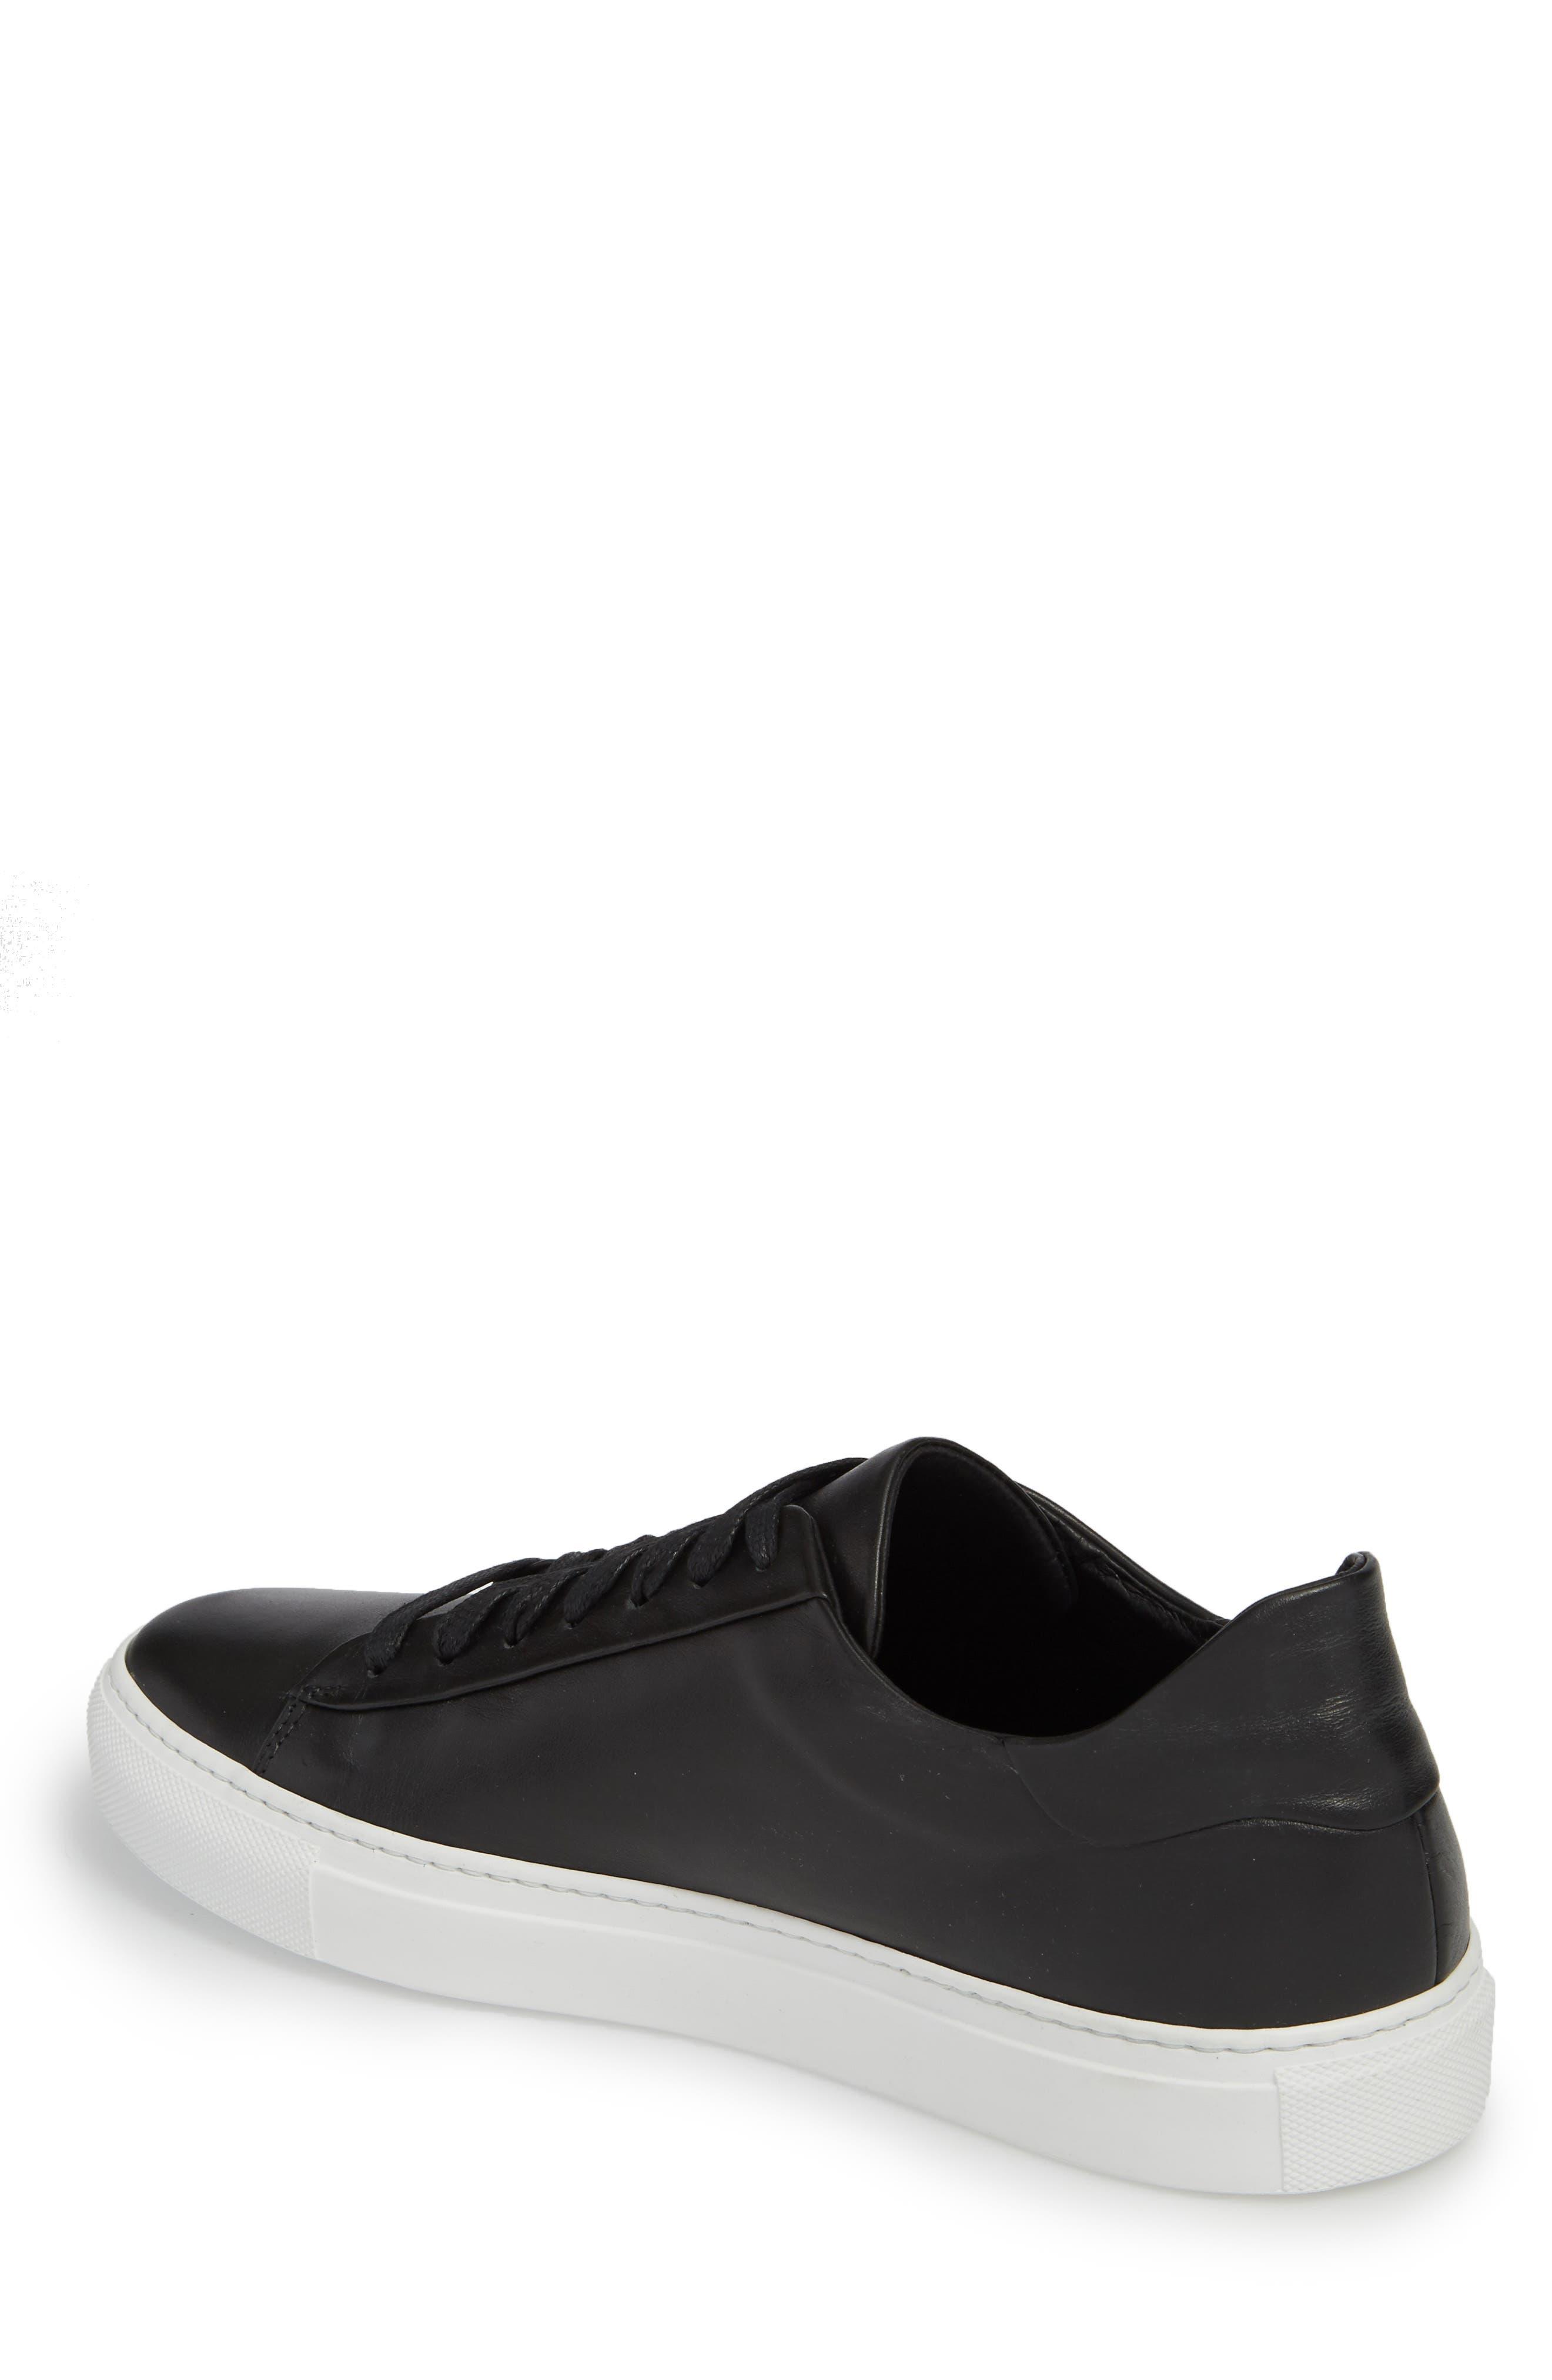 Court Sneaker,                             Alternate thumbnail 4, color,